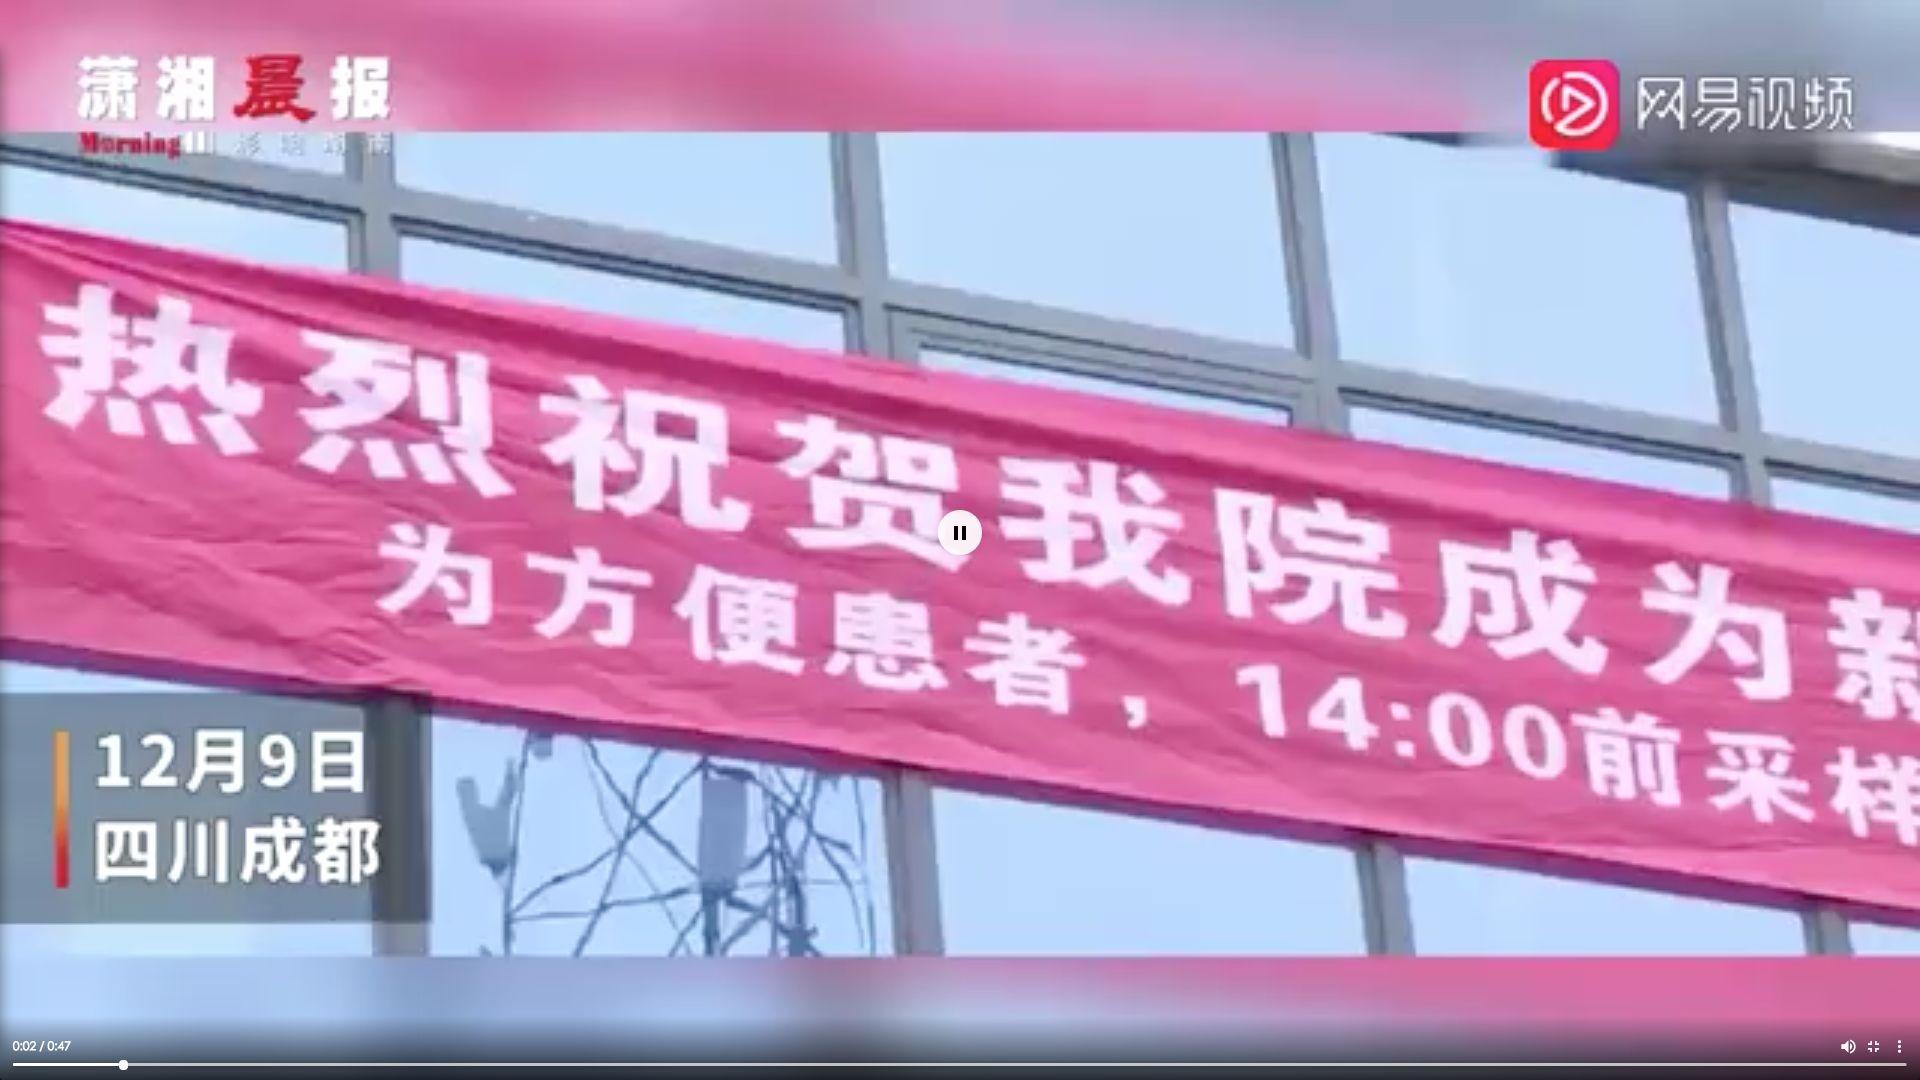 成都市武侯區第三人民醫院掛橫幅慶祝成為核酸檢測定點醫院,引發民眾憤怒。(影片截圖)